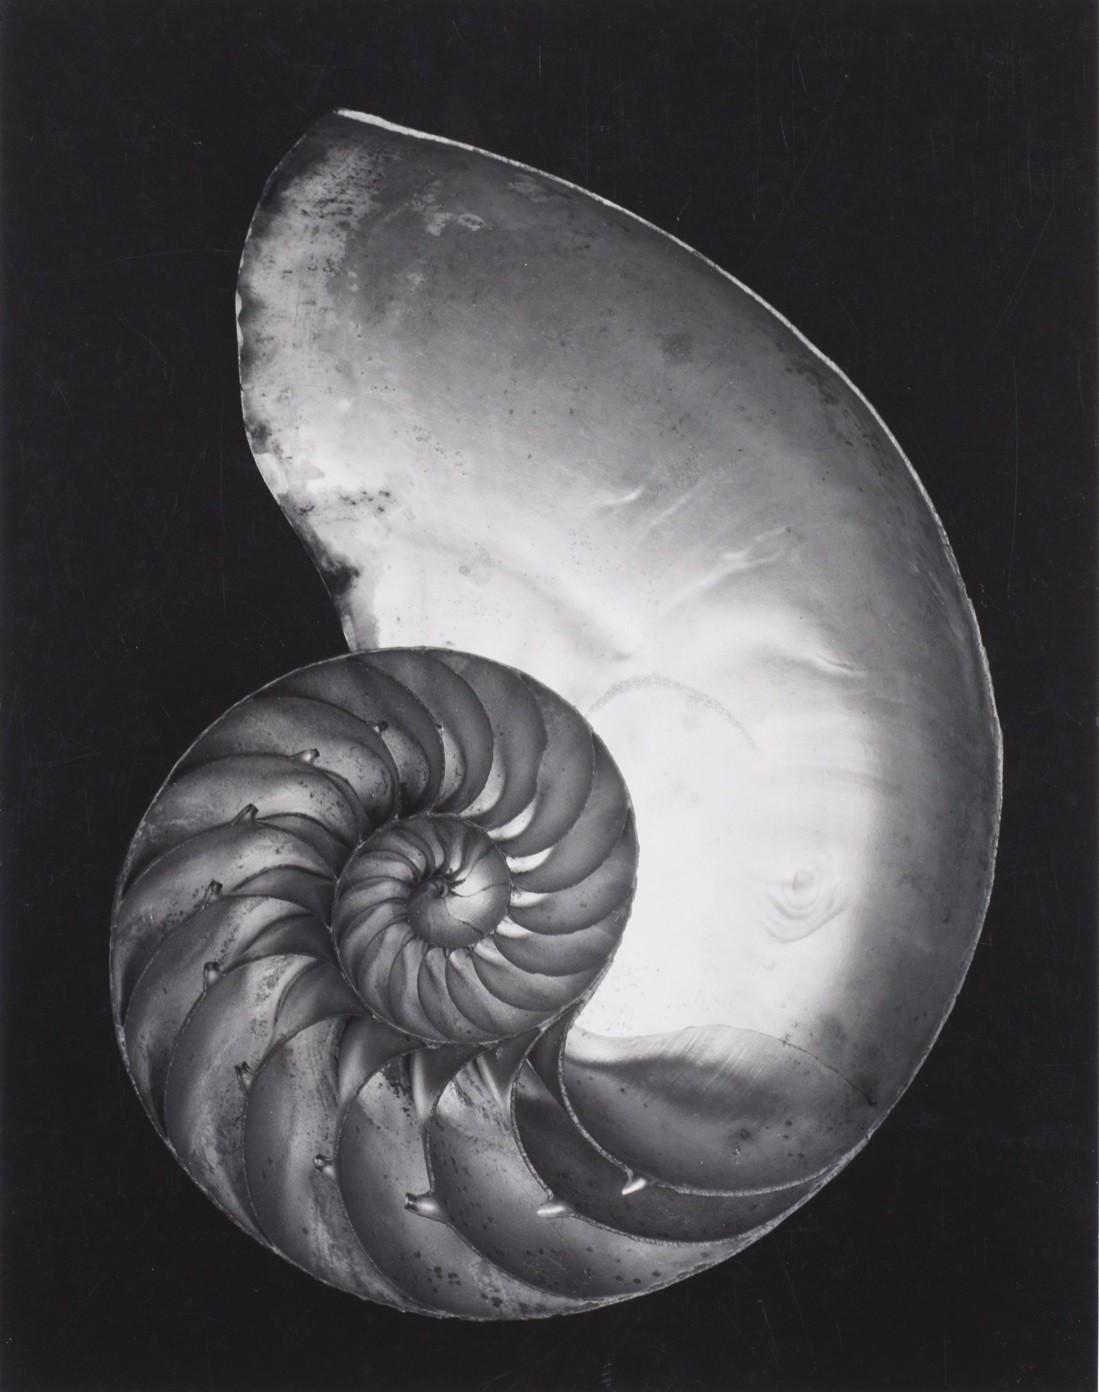 Под панцирем Наутилуса, 1927. Фотограф Эдвард Уэстон